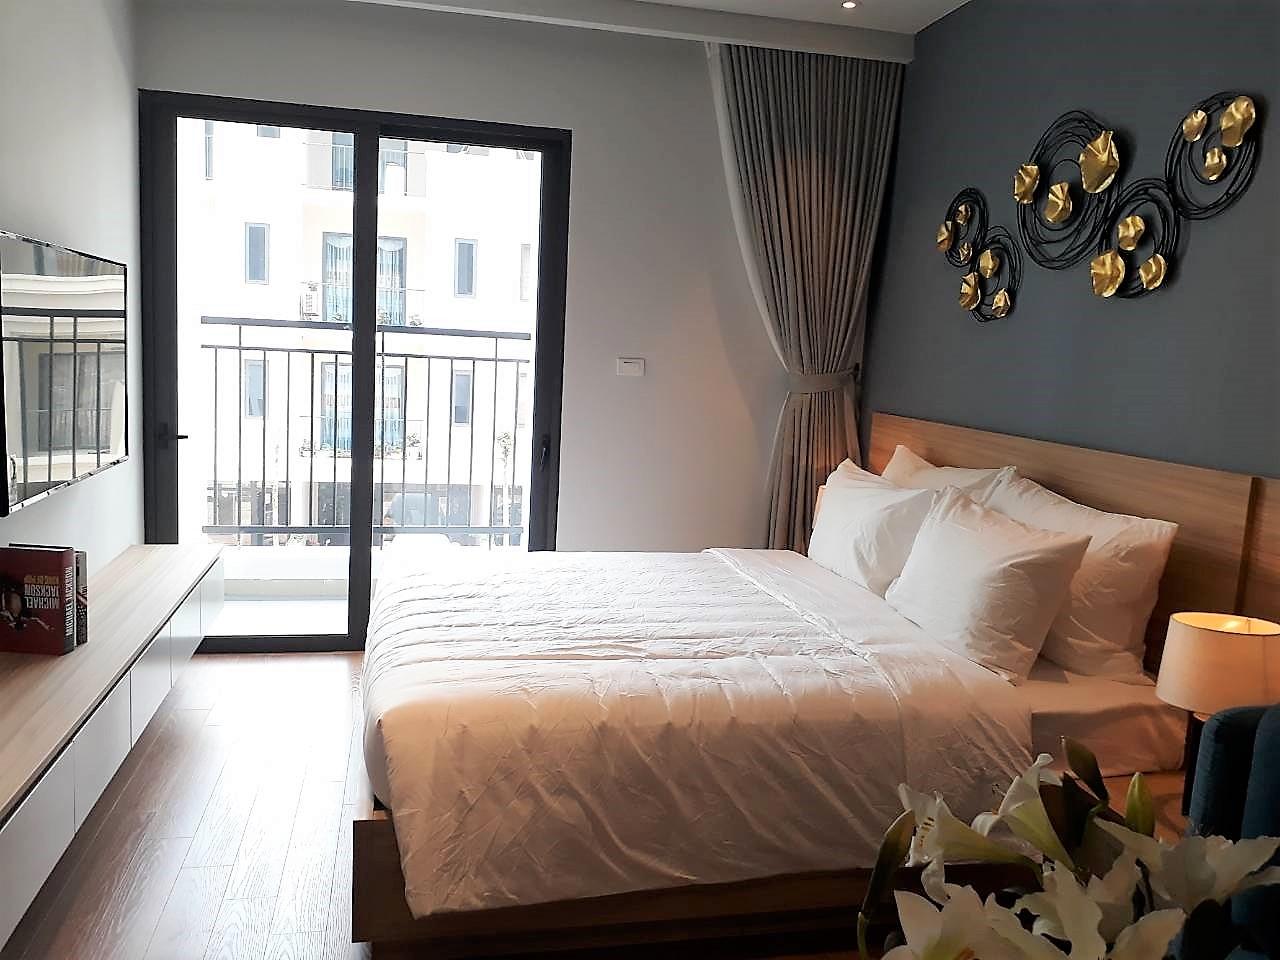 Khách hàng tham quan căn hộ đều rất ấn tượng với thiết kế của phòng ngủ Green Bay Garden với diện tích lớn, bên cạnh việc bố trí giường ngủ sang trọng, tại đây còn được bài trí ghế sofa.